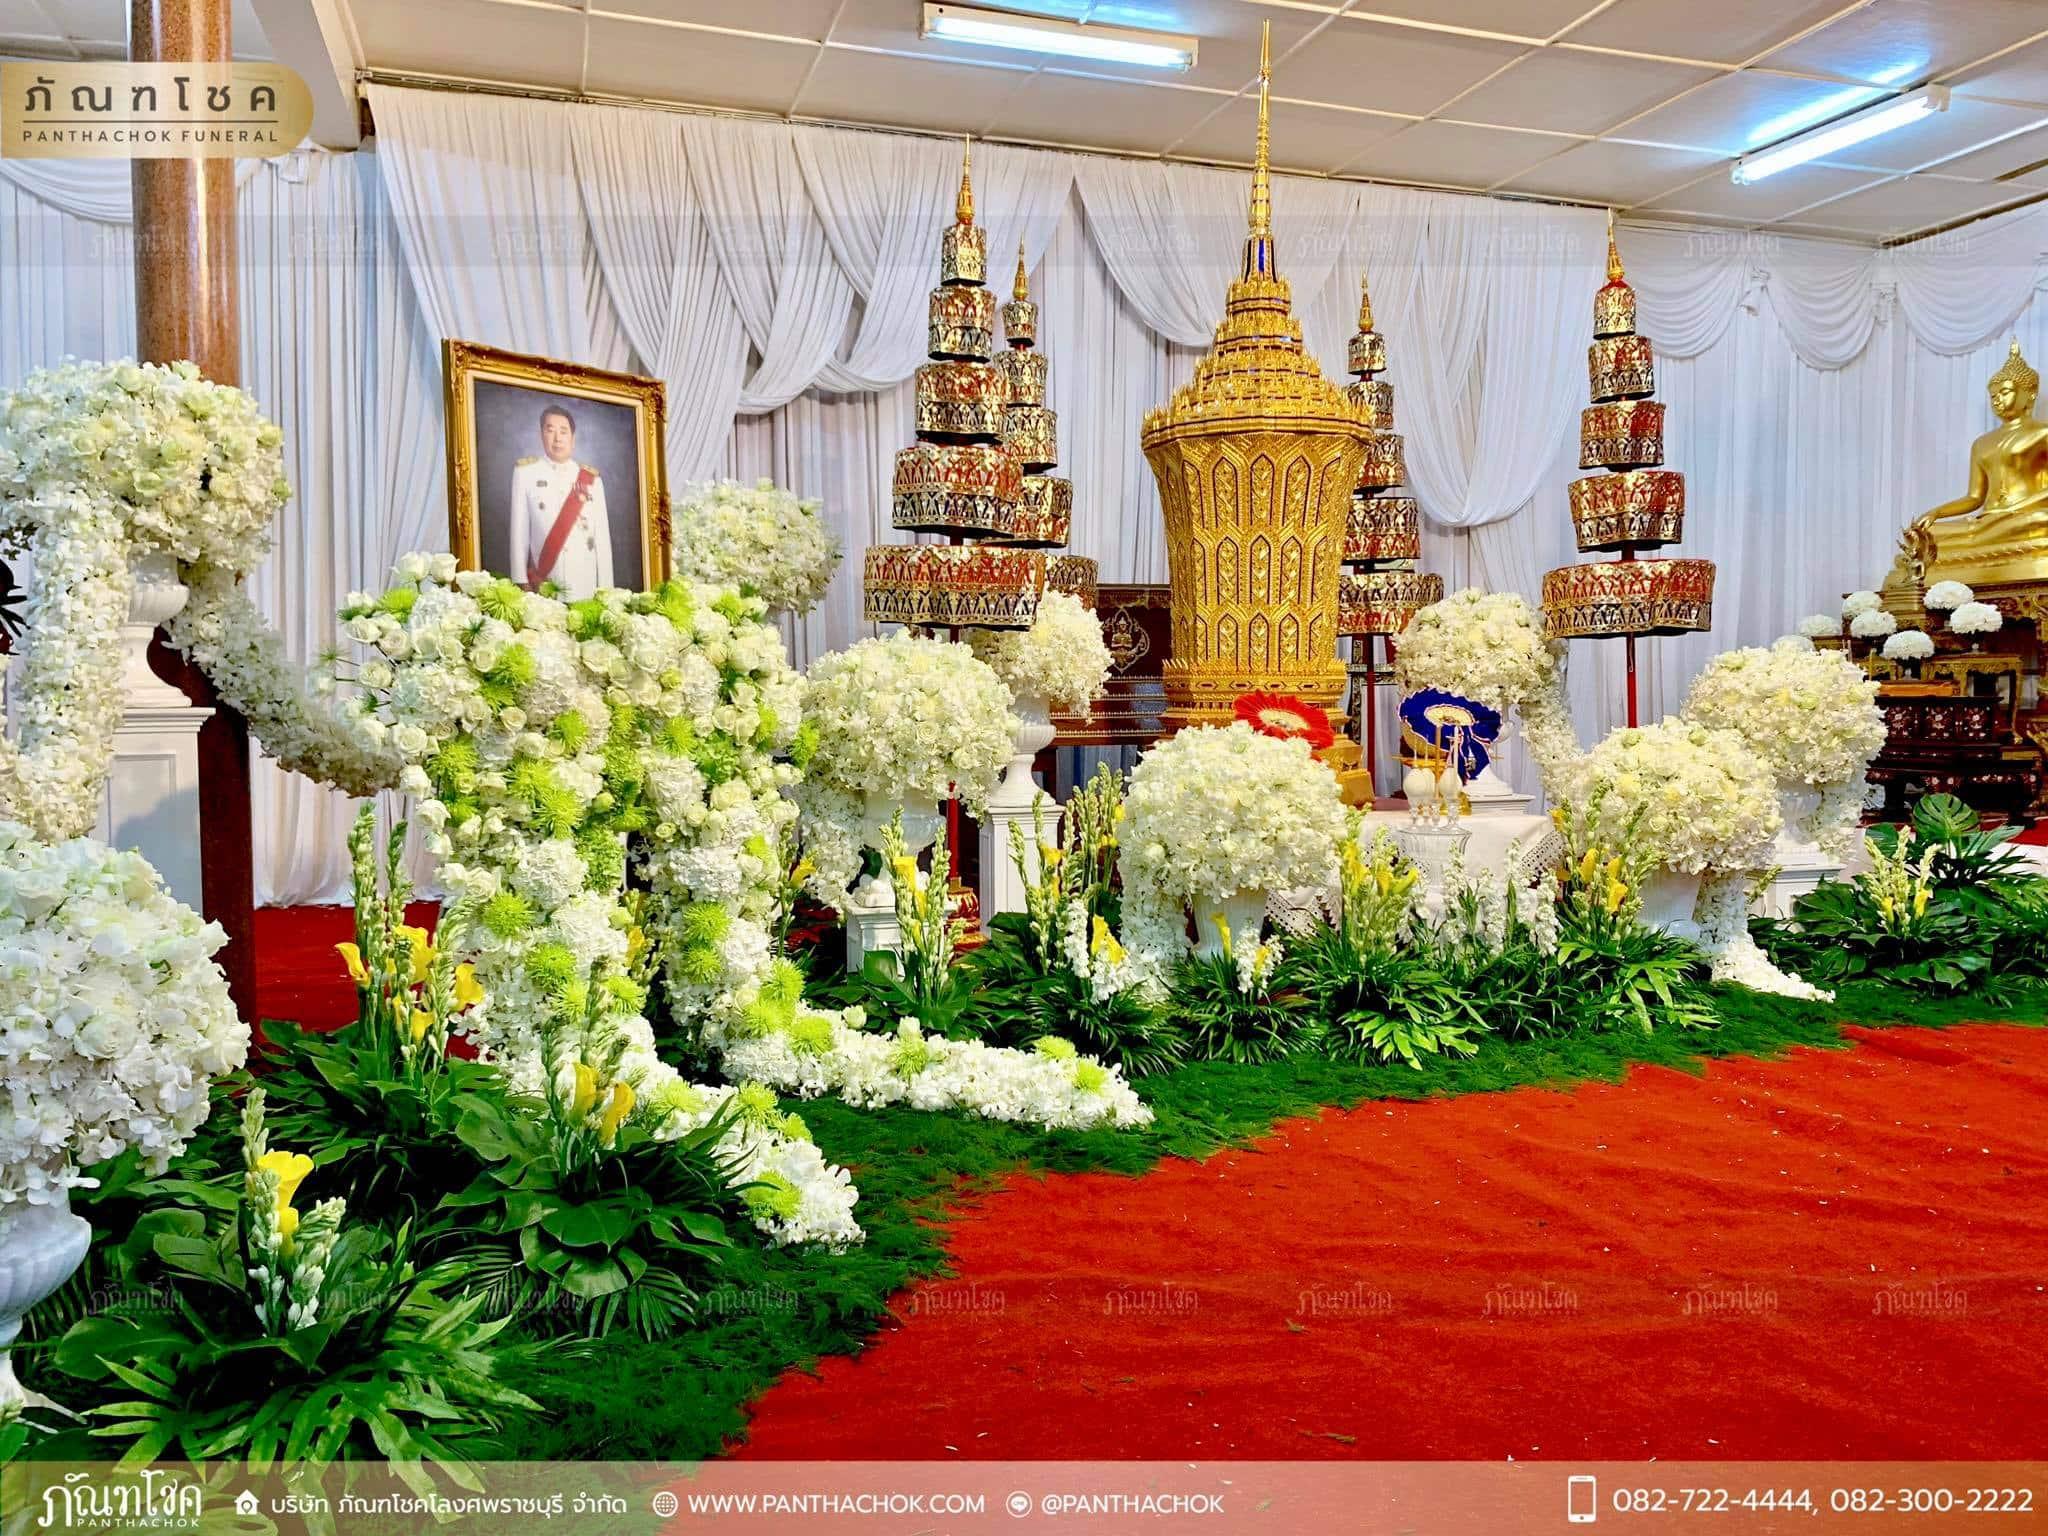 ดอกไม้ประดับหน้าโกศ อดีตผู้ว่าราชการจังหวัดราชบุรี 12